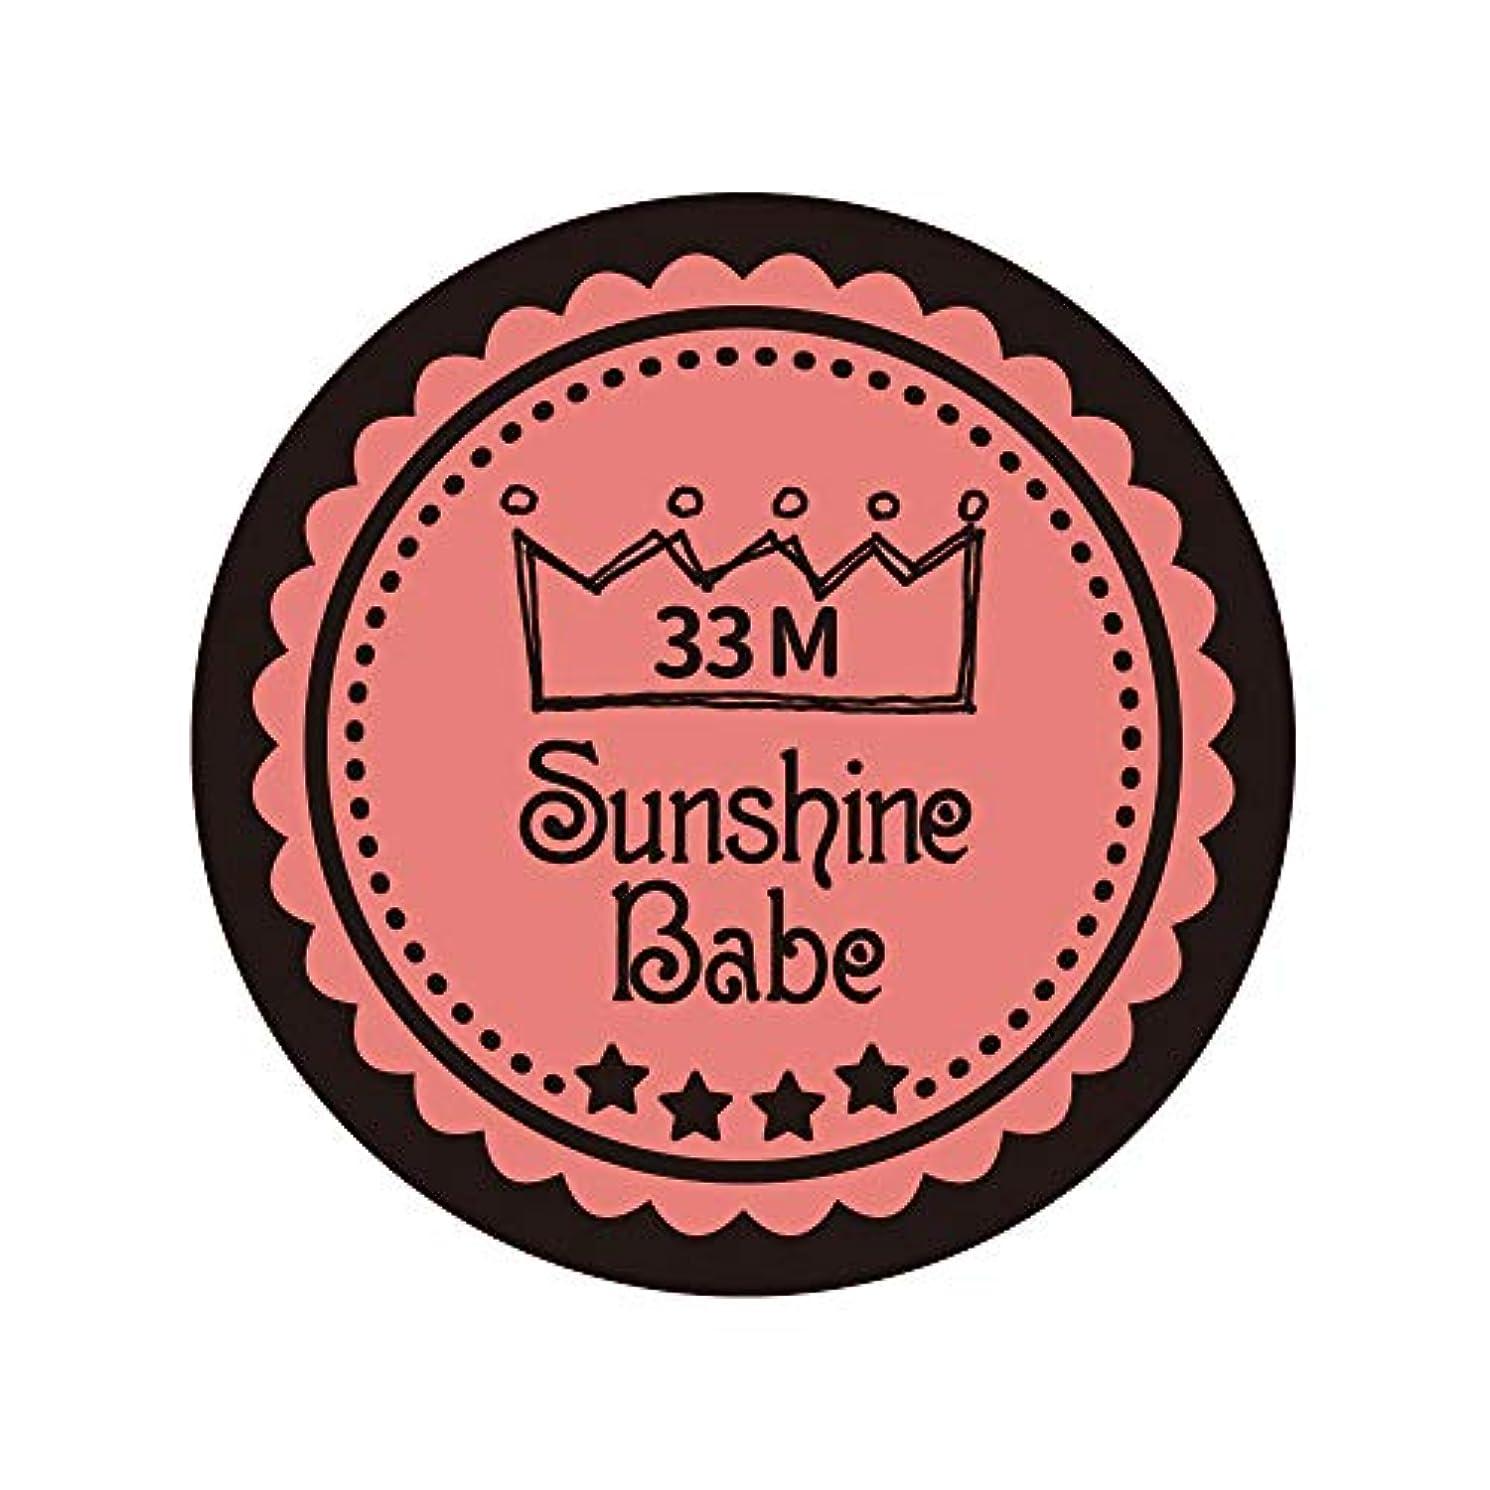 さびたパス買うSunshine Babe カラージェル 33M ベイクドコーラルピンク 2.7g UV/LED対応